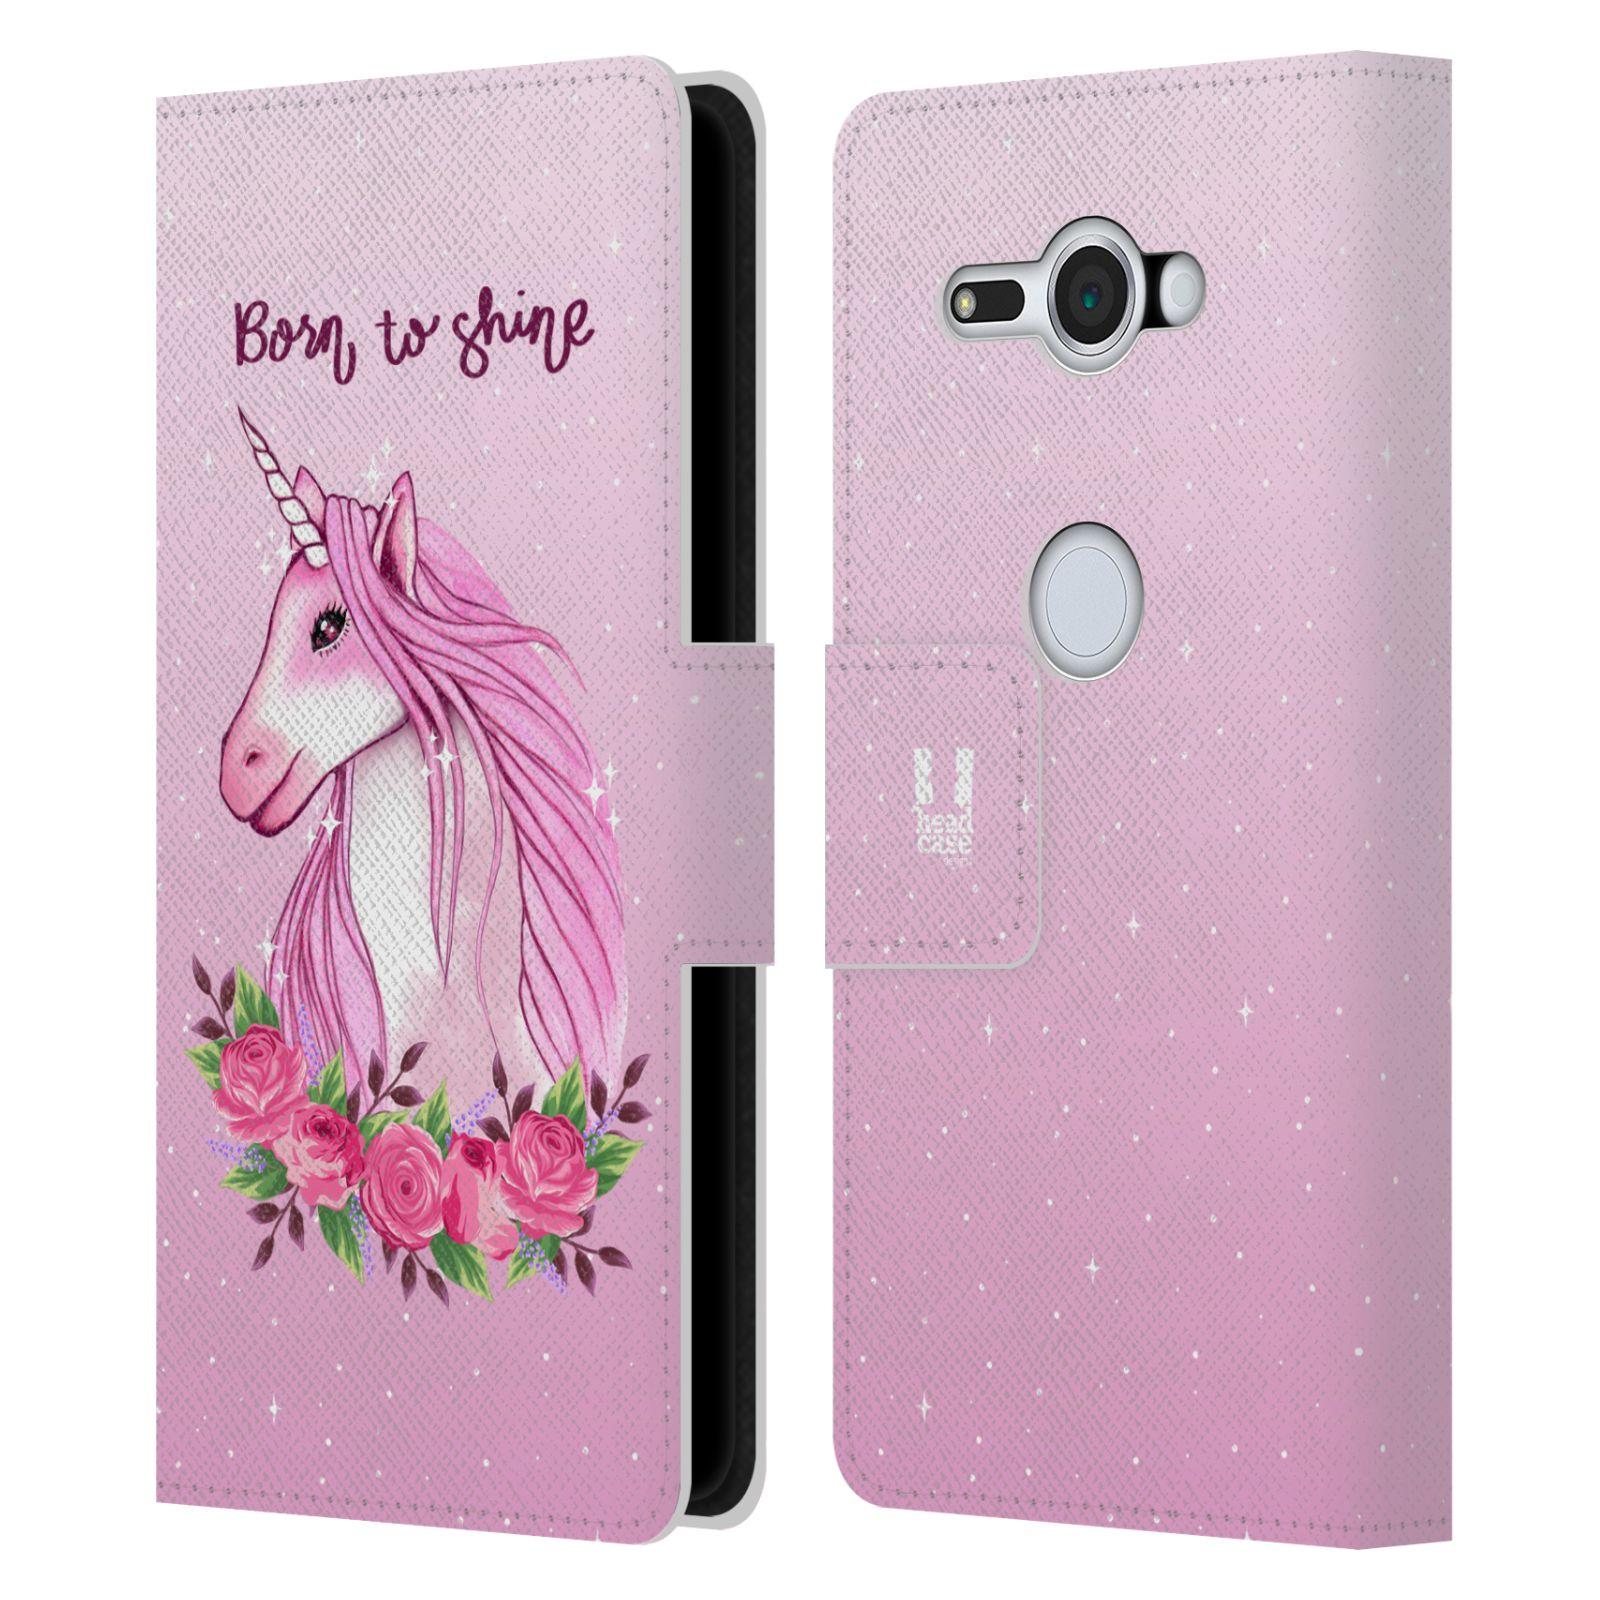 Pouzdro na mobil Sony Xperia XZ2 Compact - Head Case - Růžový jednorožec růže